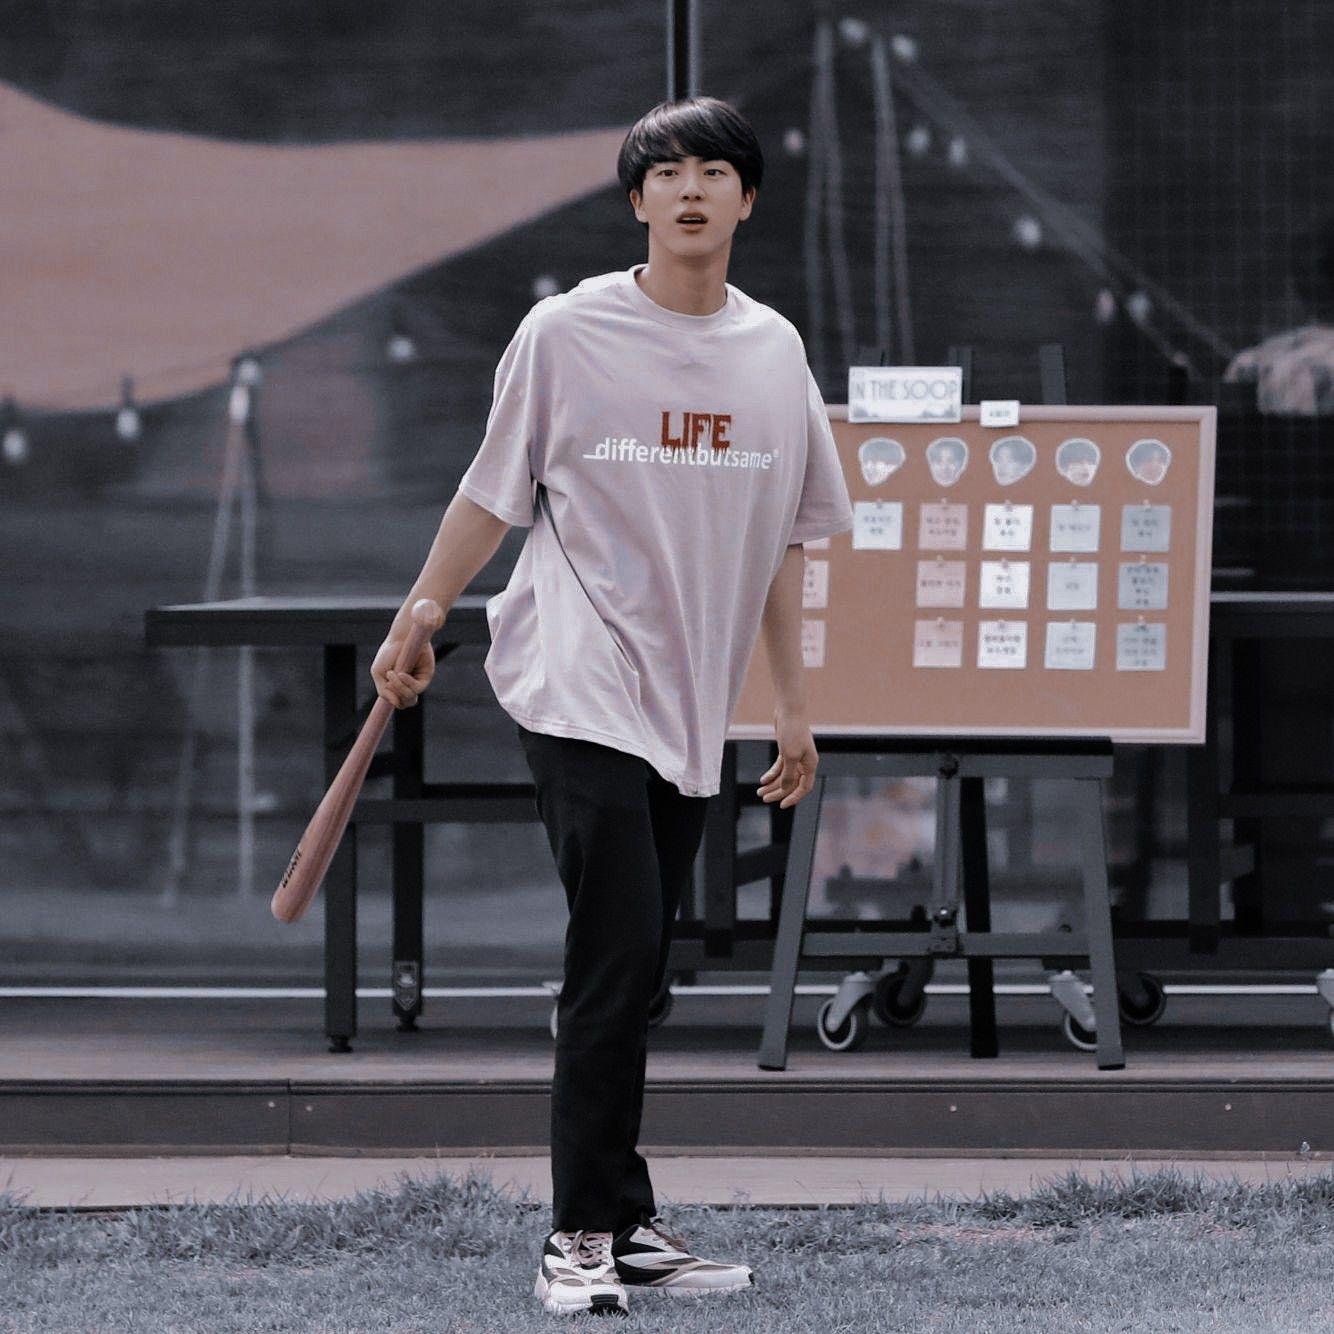 """Нð""""𝐒 Нˆð'𝐎𝐍 Н—‰ð—'𝗇𝗍𝖾𝗋𝖾𝗌𝗍 Н—'𝗎𝗋𝗂𝖾𝗍𝗁𝖾𝗍𝗂𝖼 In 2020 Bts Jin Seokjin Kim Seokjin"""